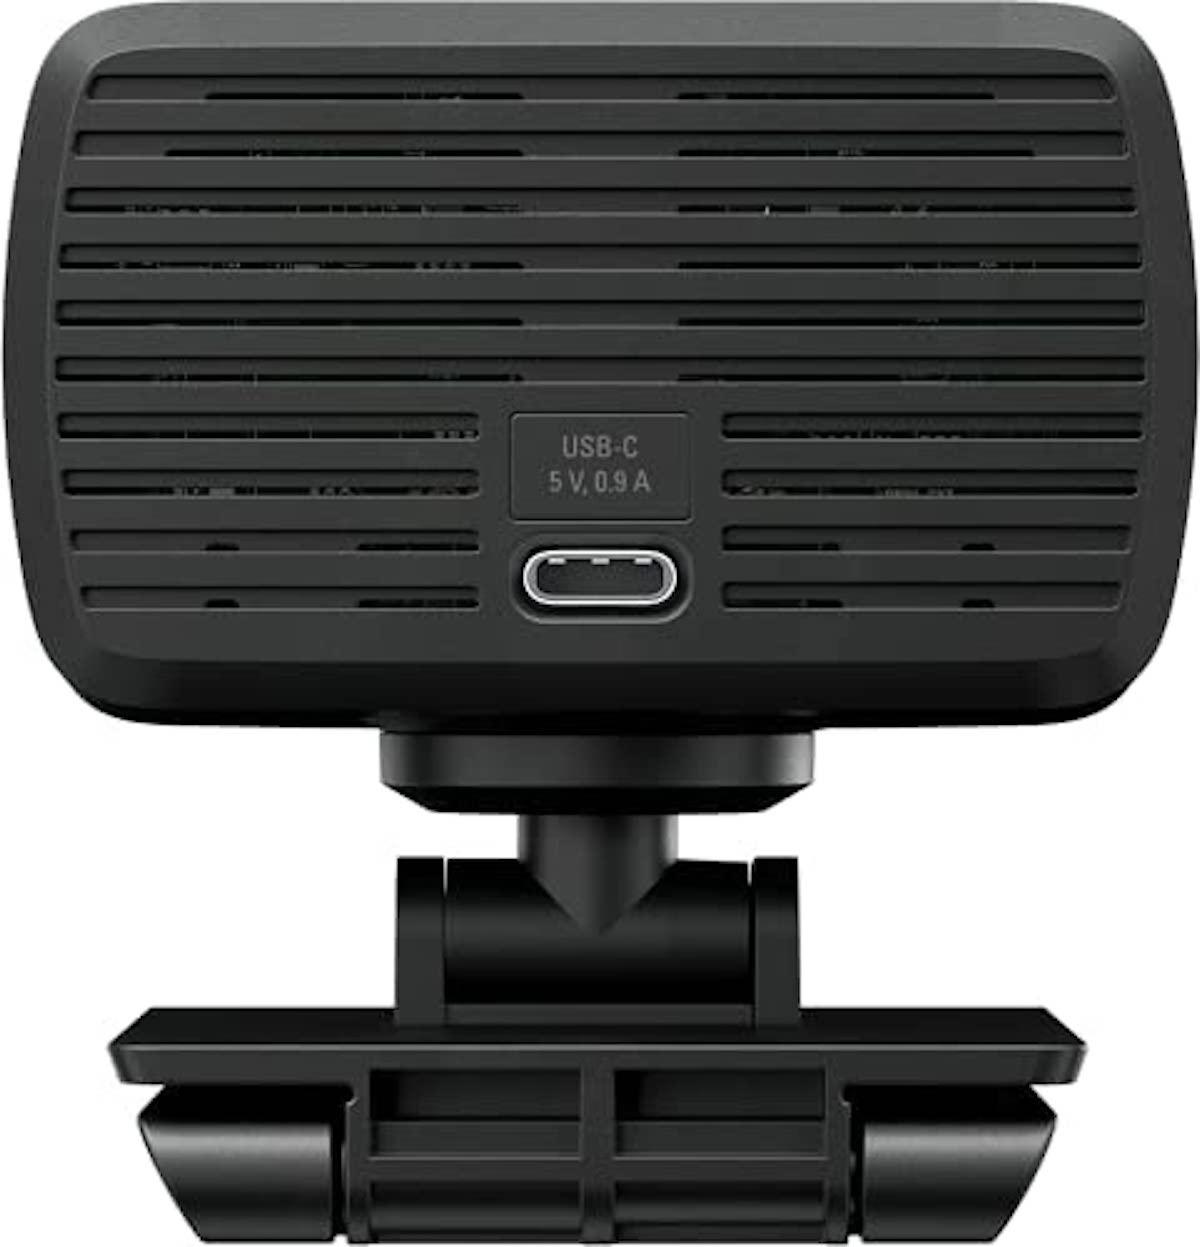 Ecco Elgato FaceCam, ha sensore di una telecamera di sorveglianza